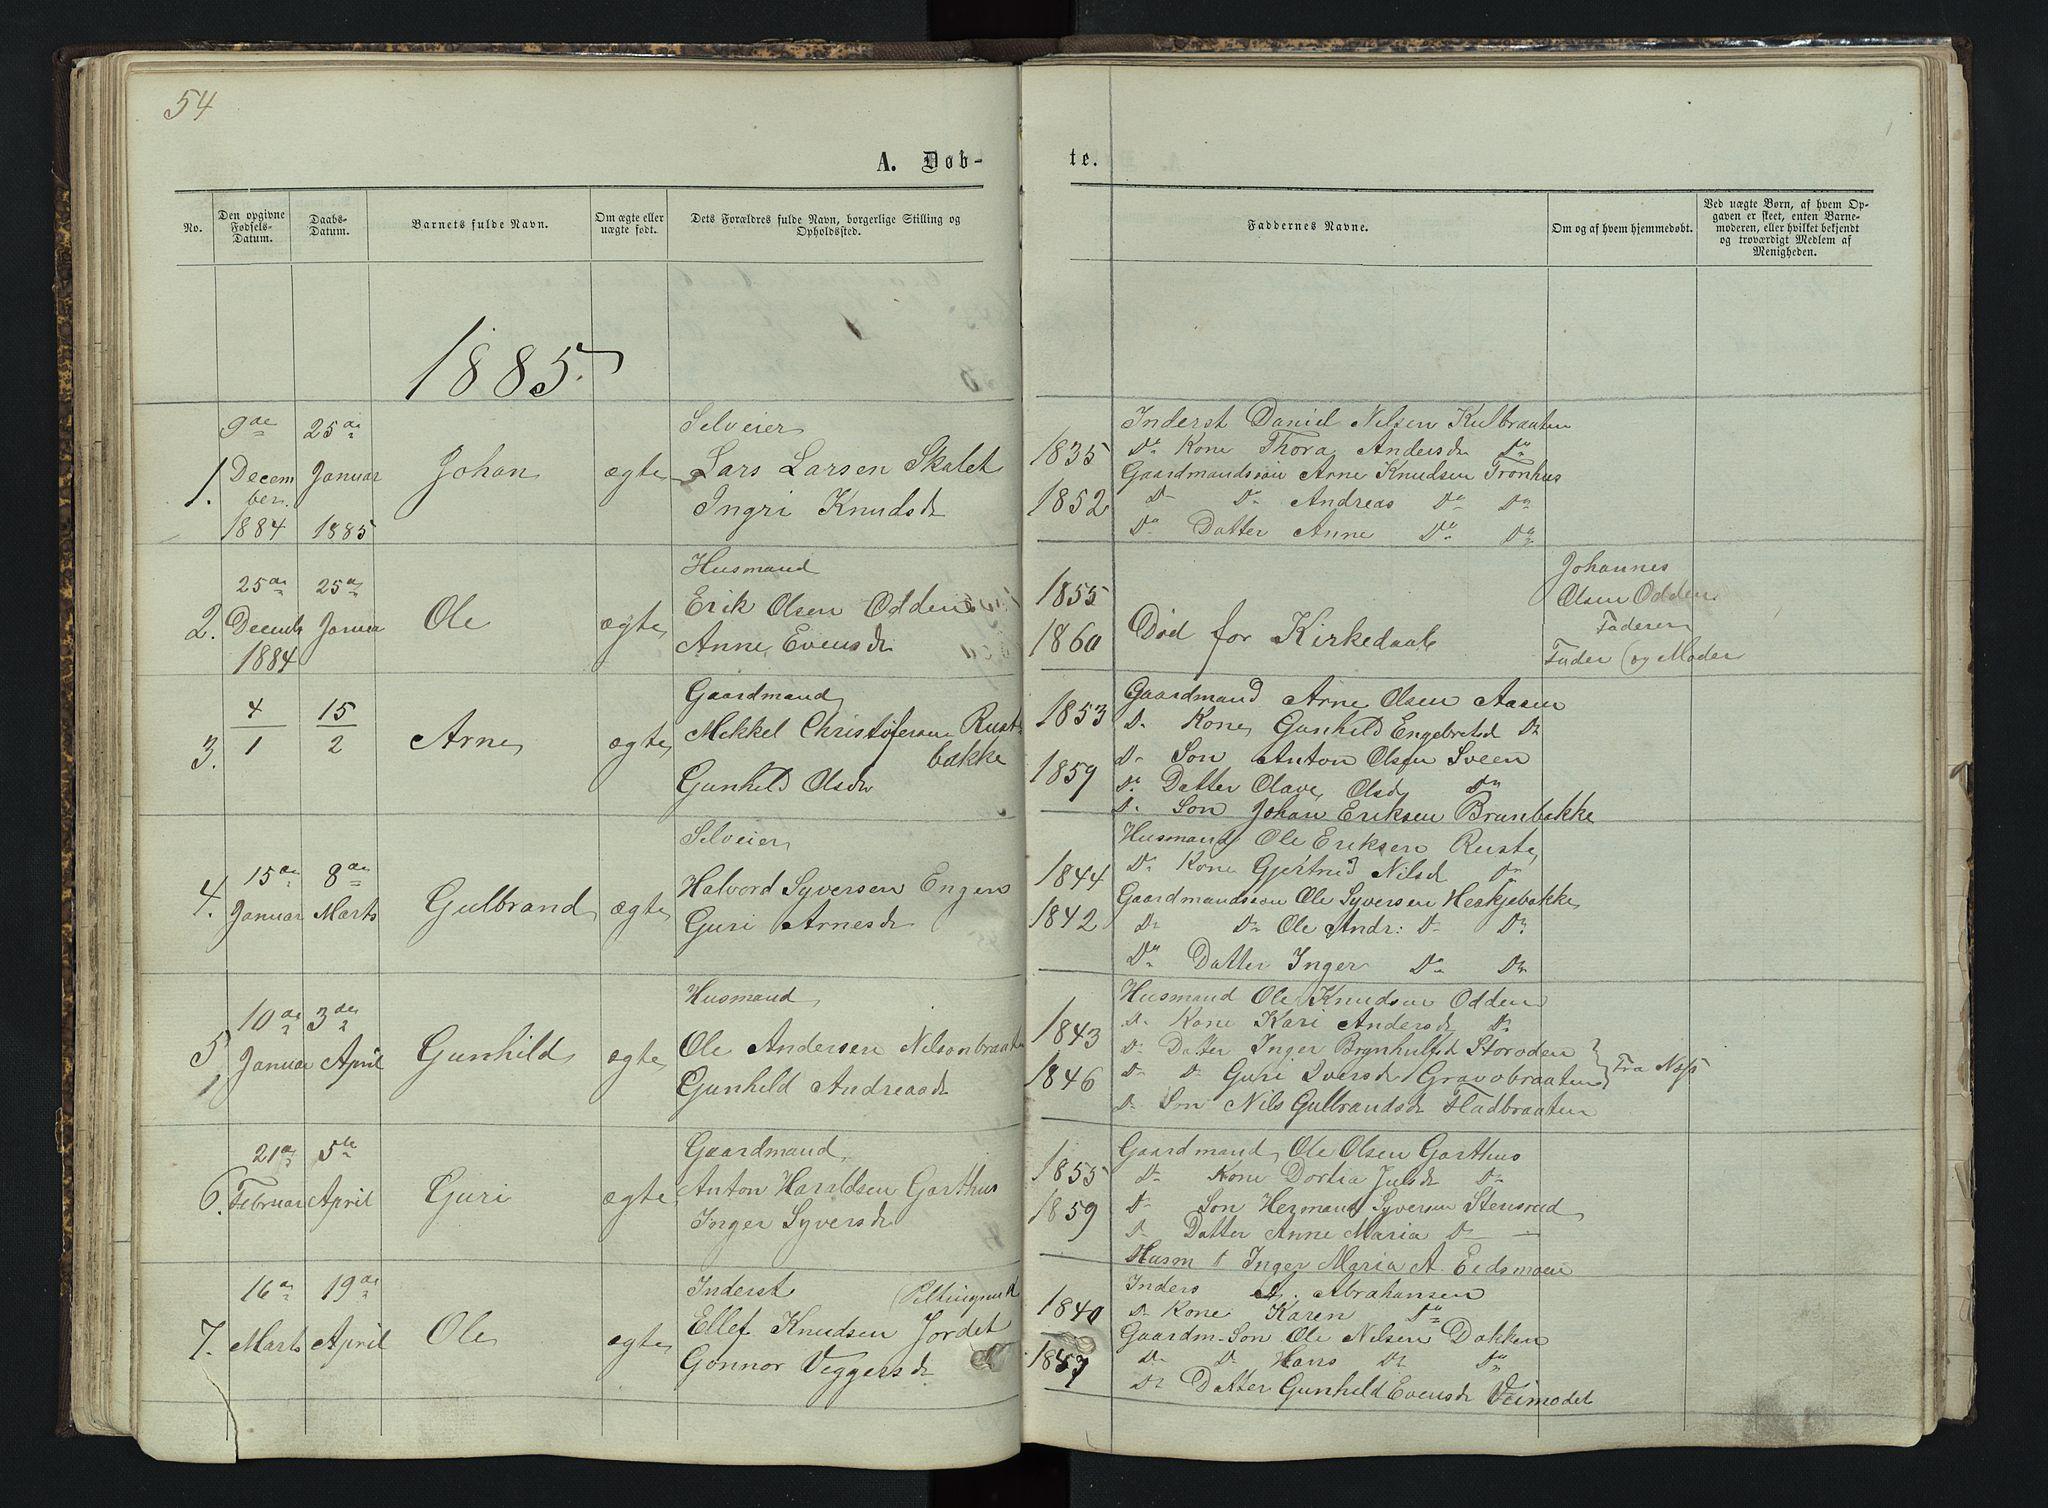 SAH, Sør-Aurdal prestekontor, Klokkerbok nr. 3, 1862-1893, s. 54